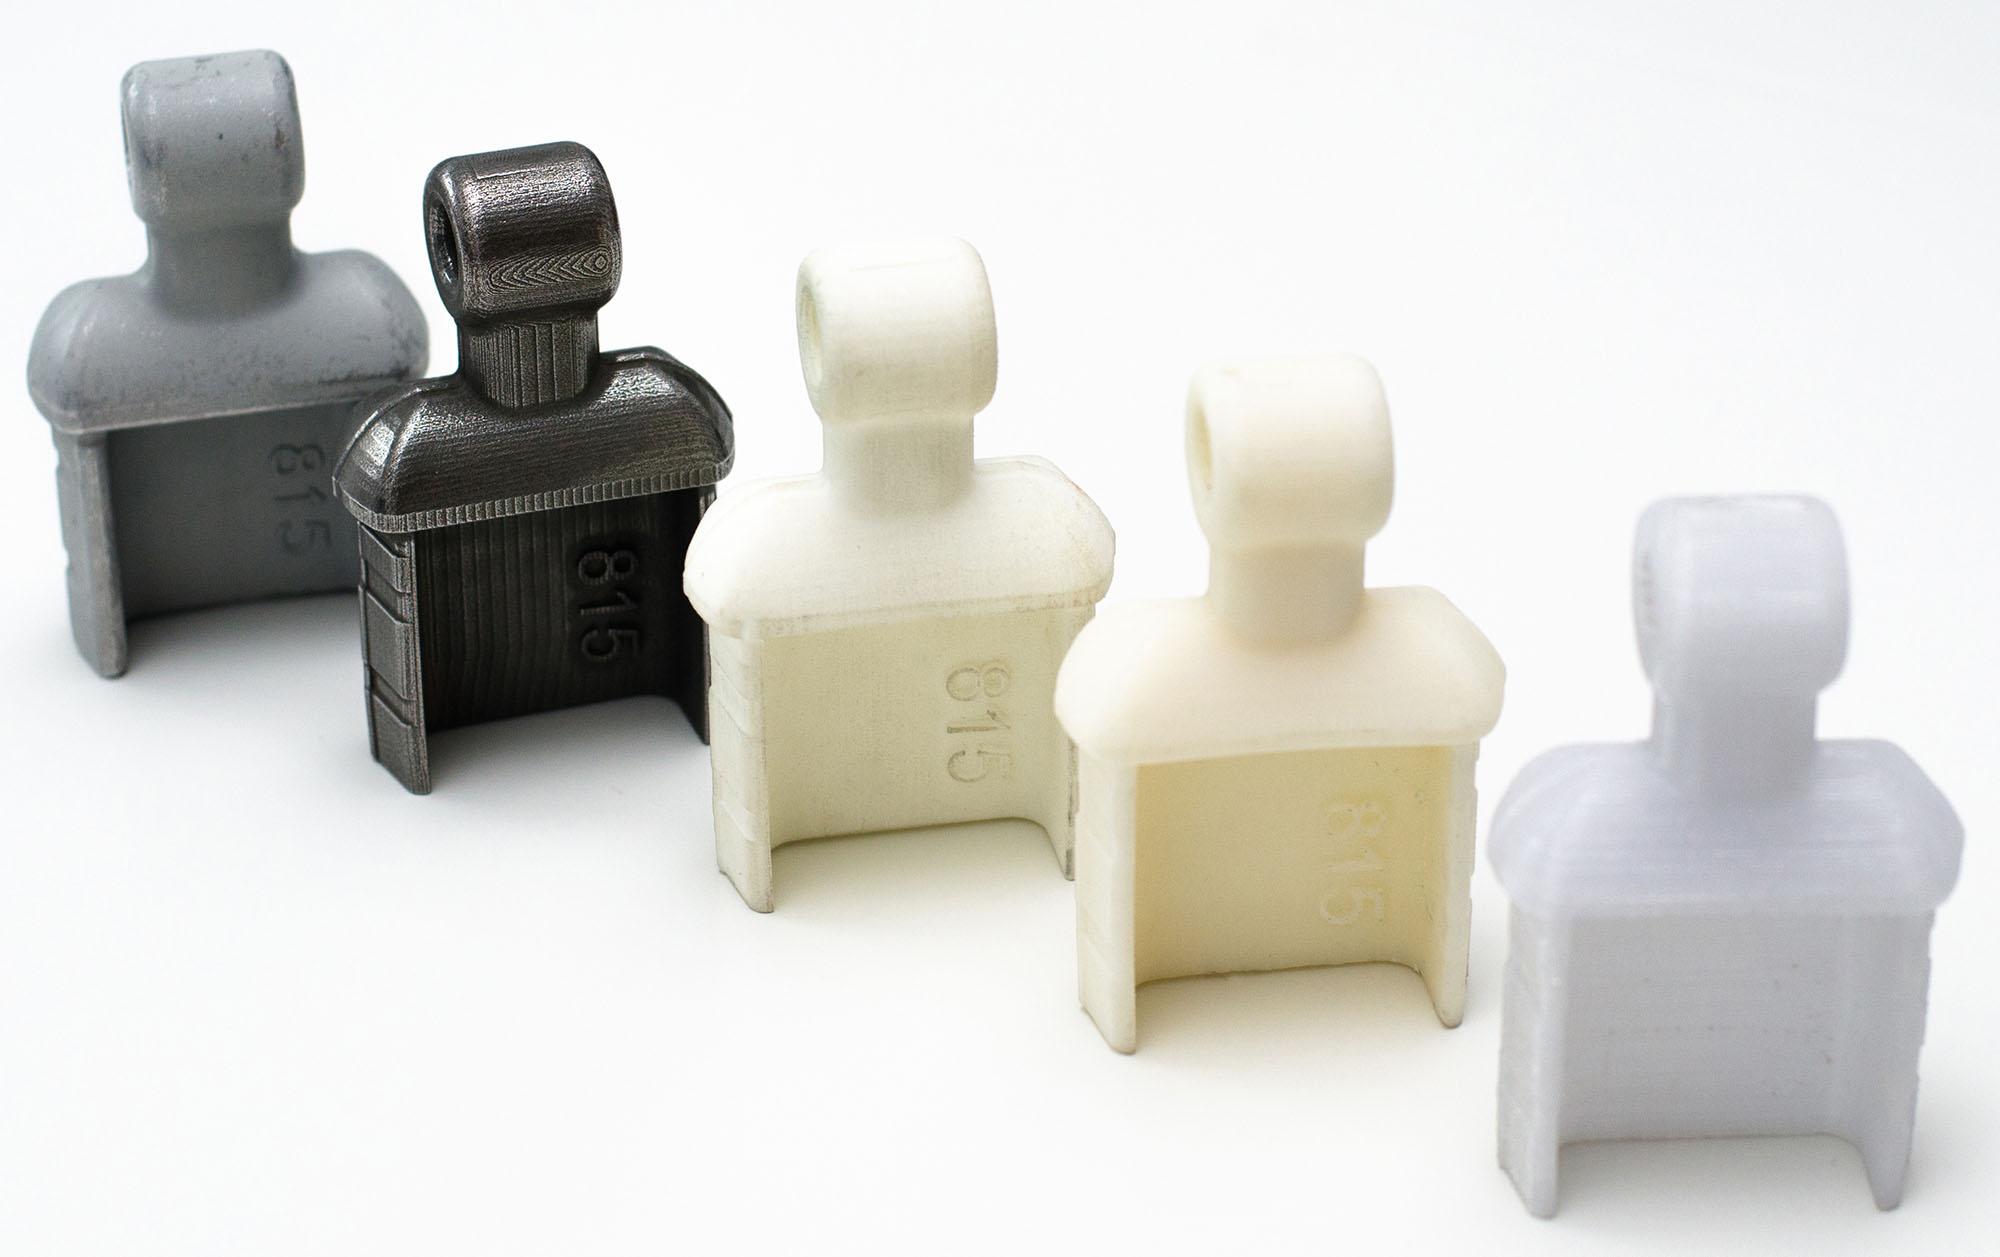 Door Component 3D Printed in Various Materials